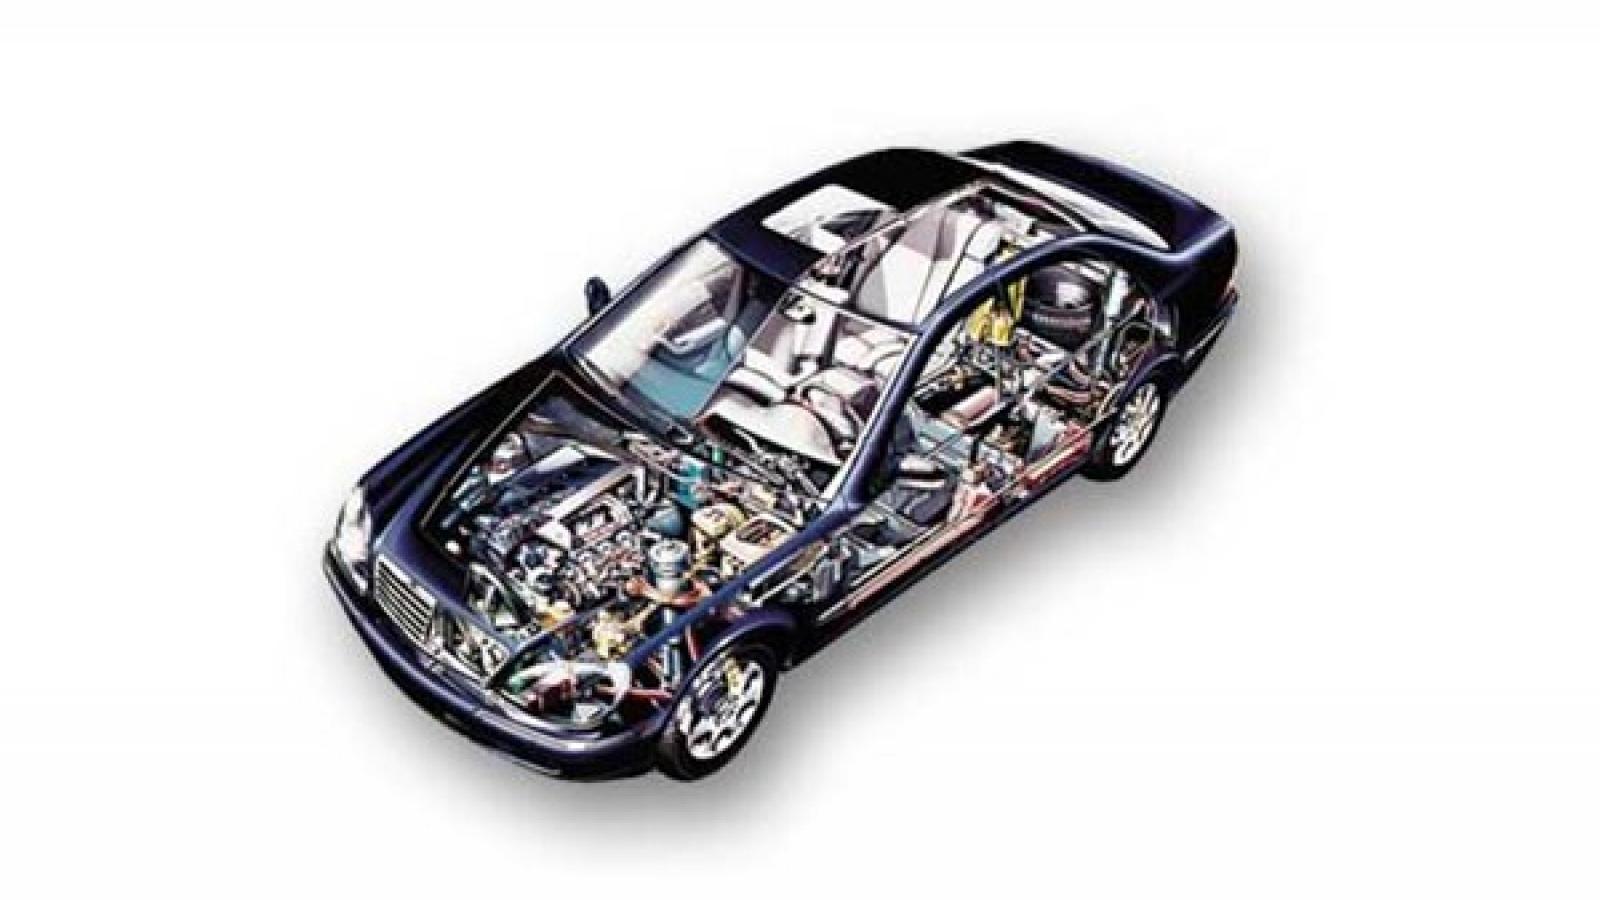 بررسی جریان واردات خودرو و قطعات بی کیفیت در دستور کار مجلس قرار گرفت - اجاره خودرو طباطبایی